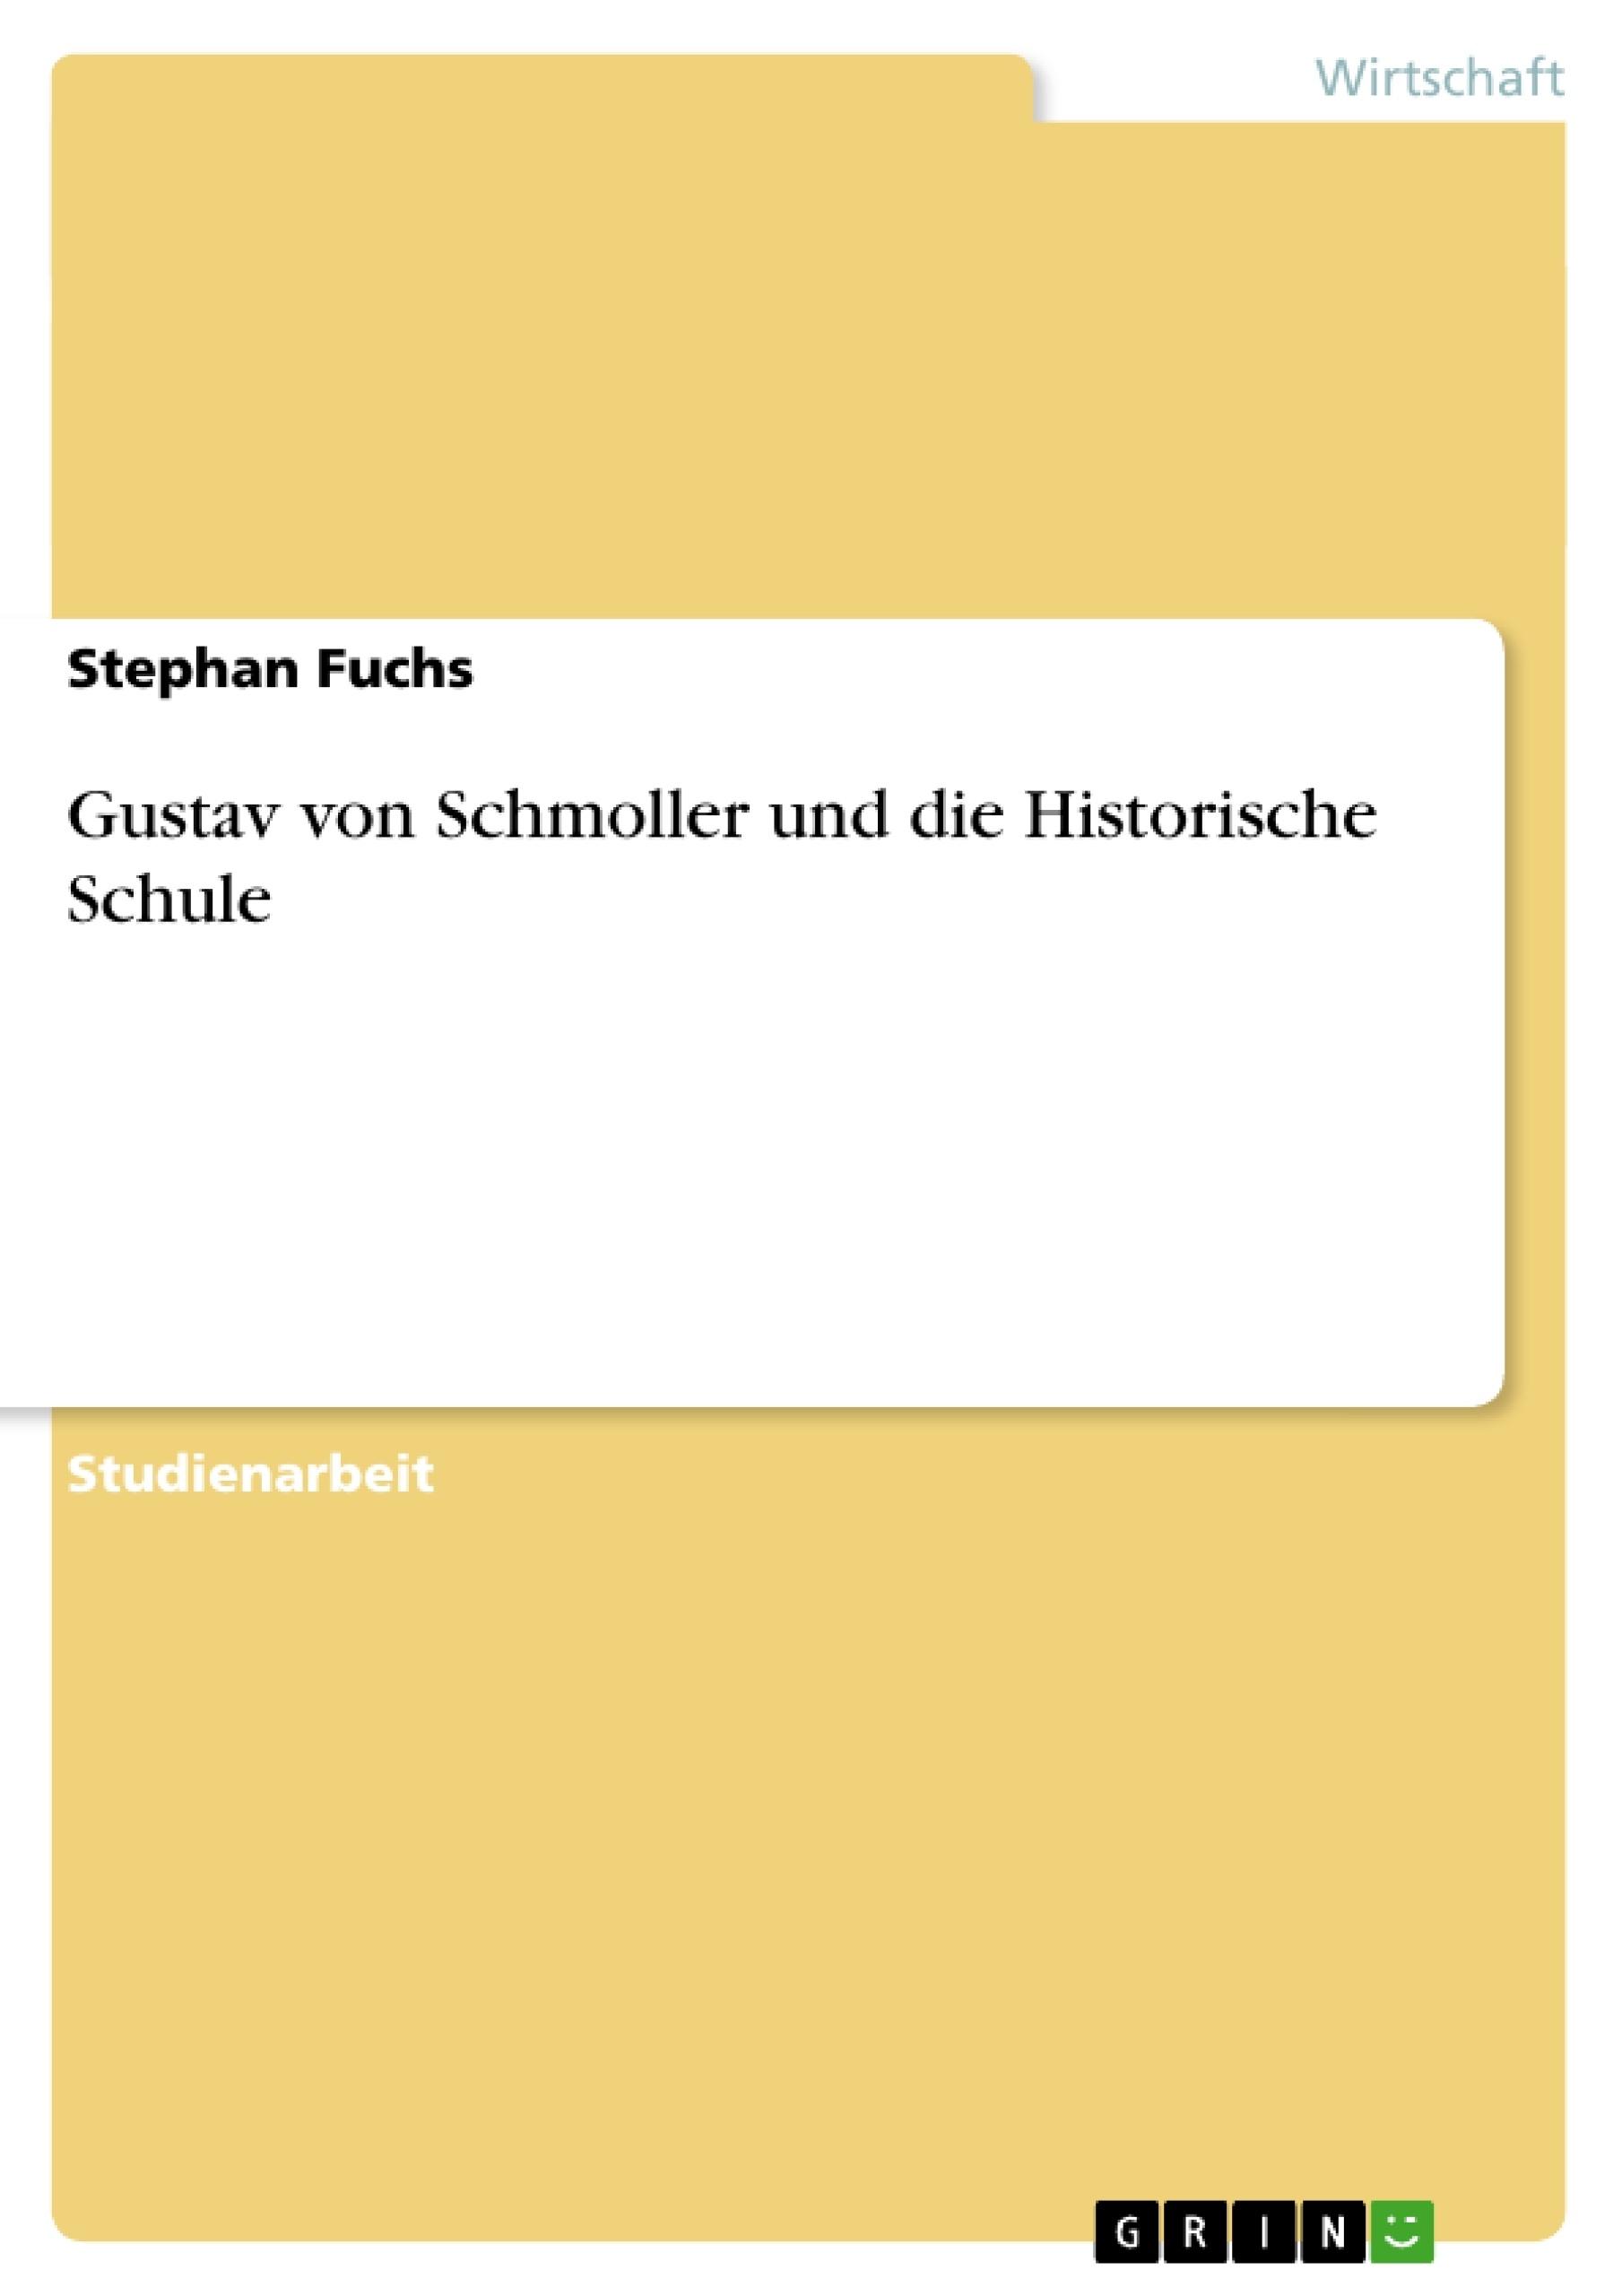 Titel: Gustav von Schmoller und die Historische Schule